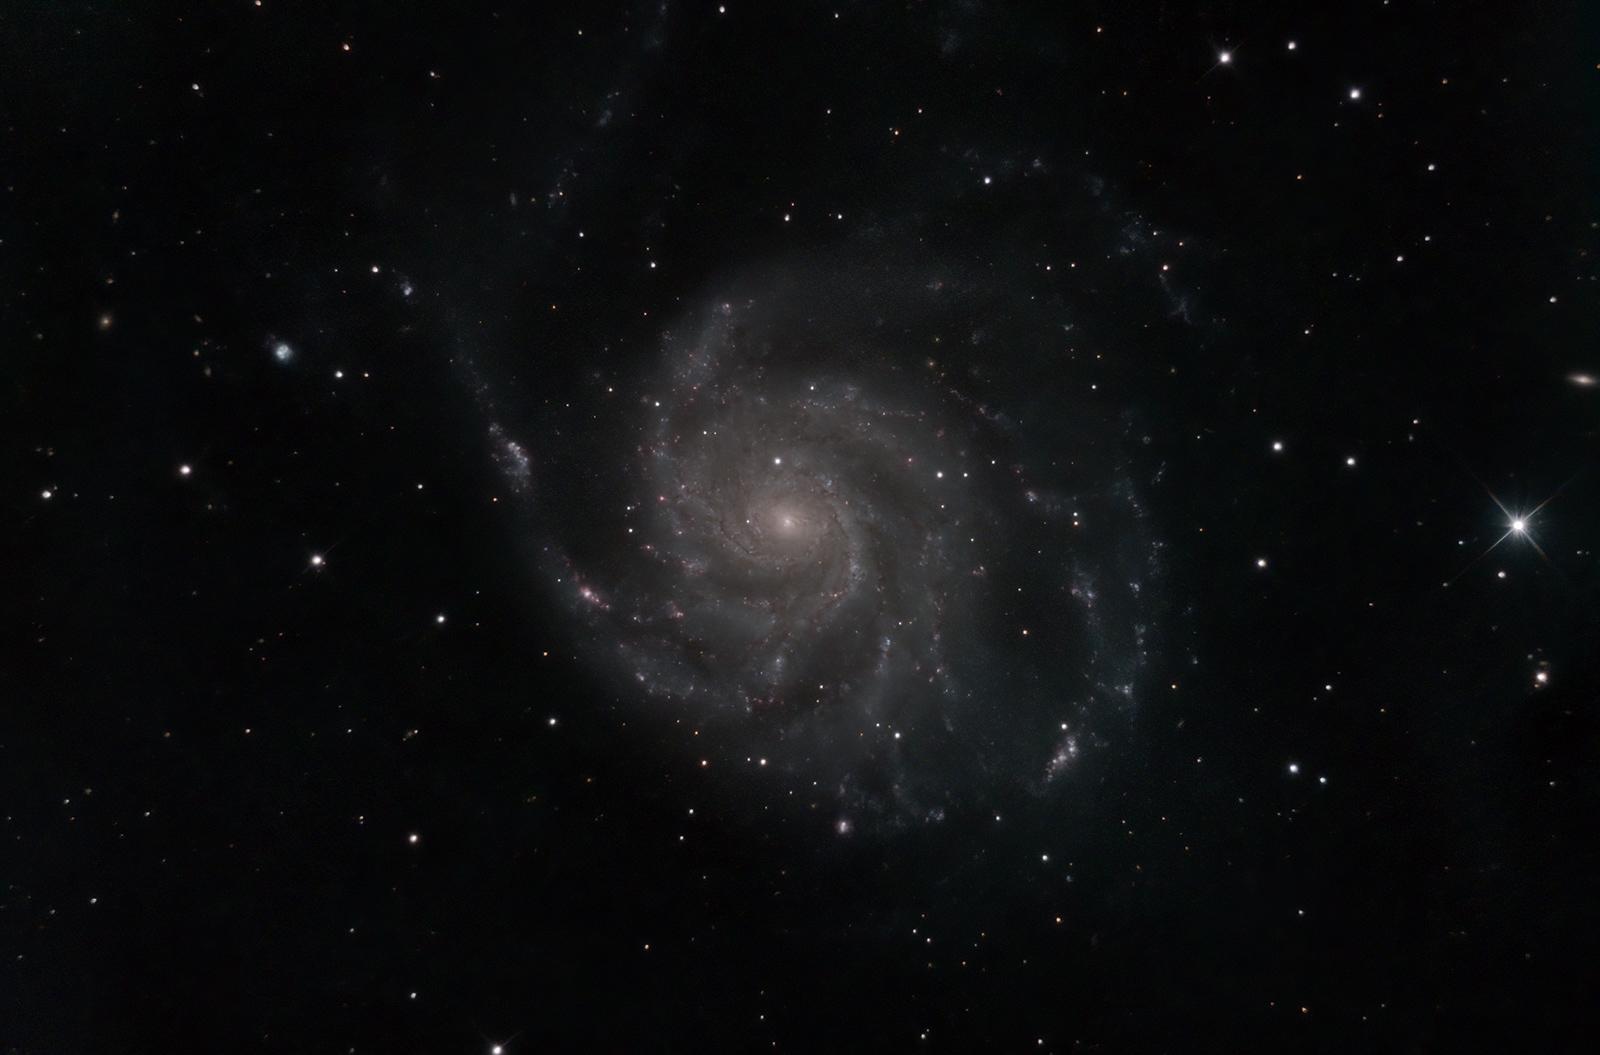 M101 (NGC 4321)